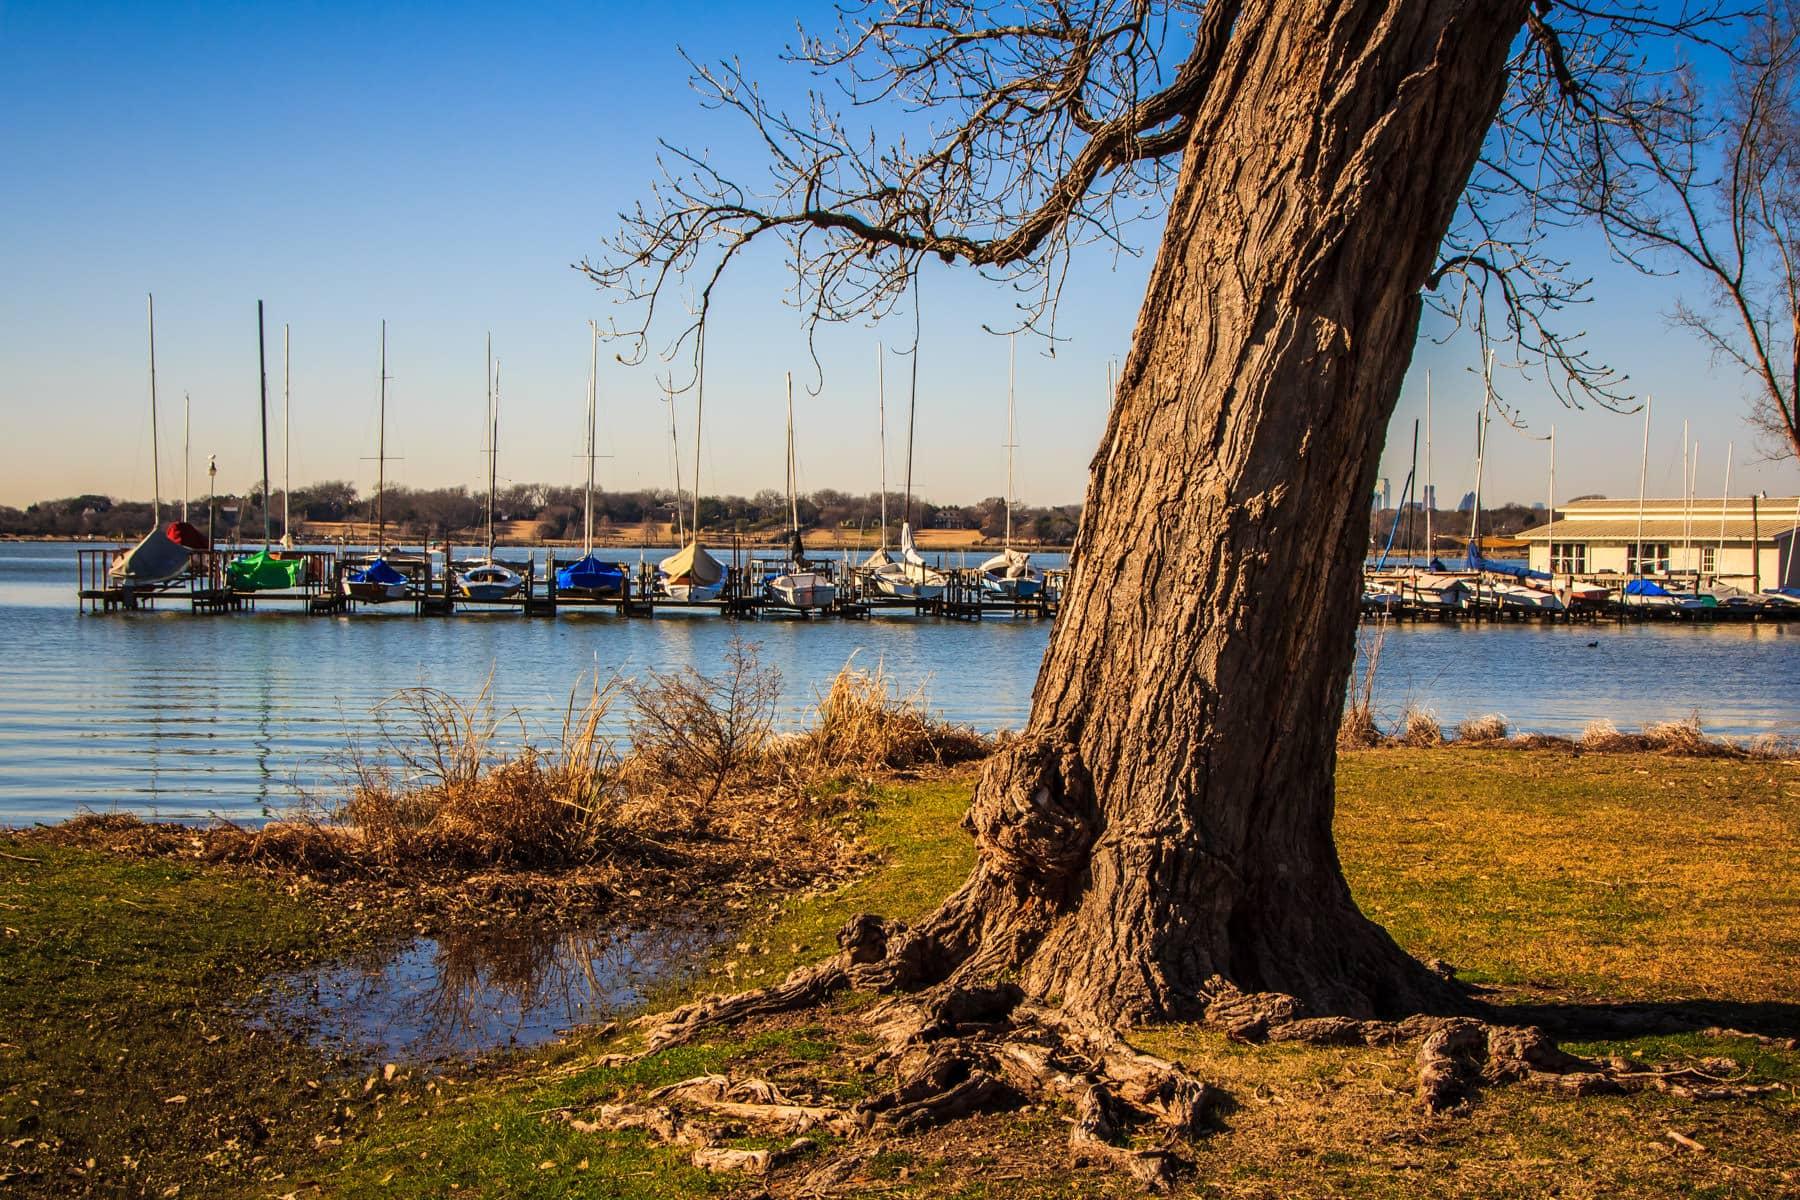 A tree grows ashore of a marina at White Rock Lake, Dallas.